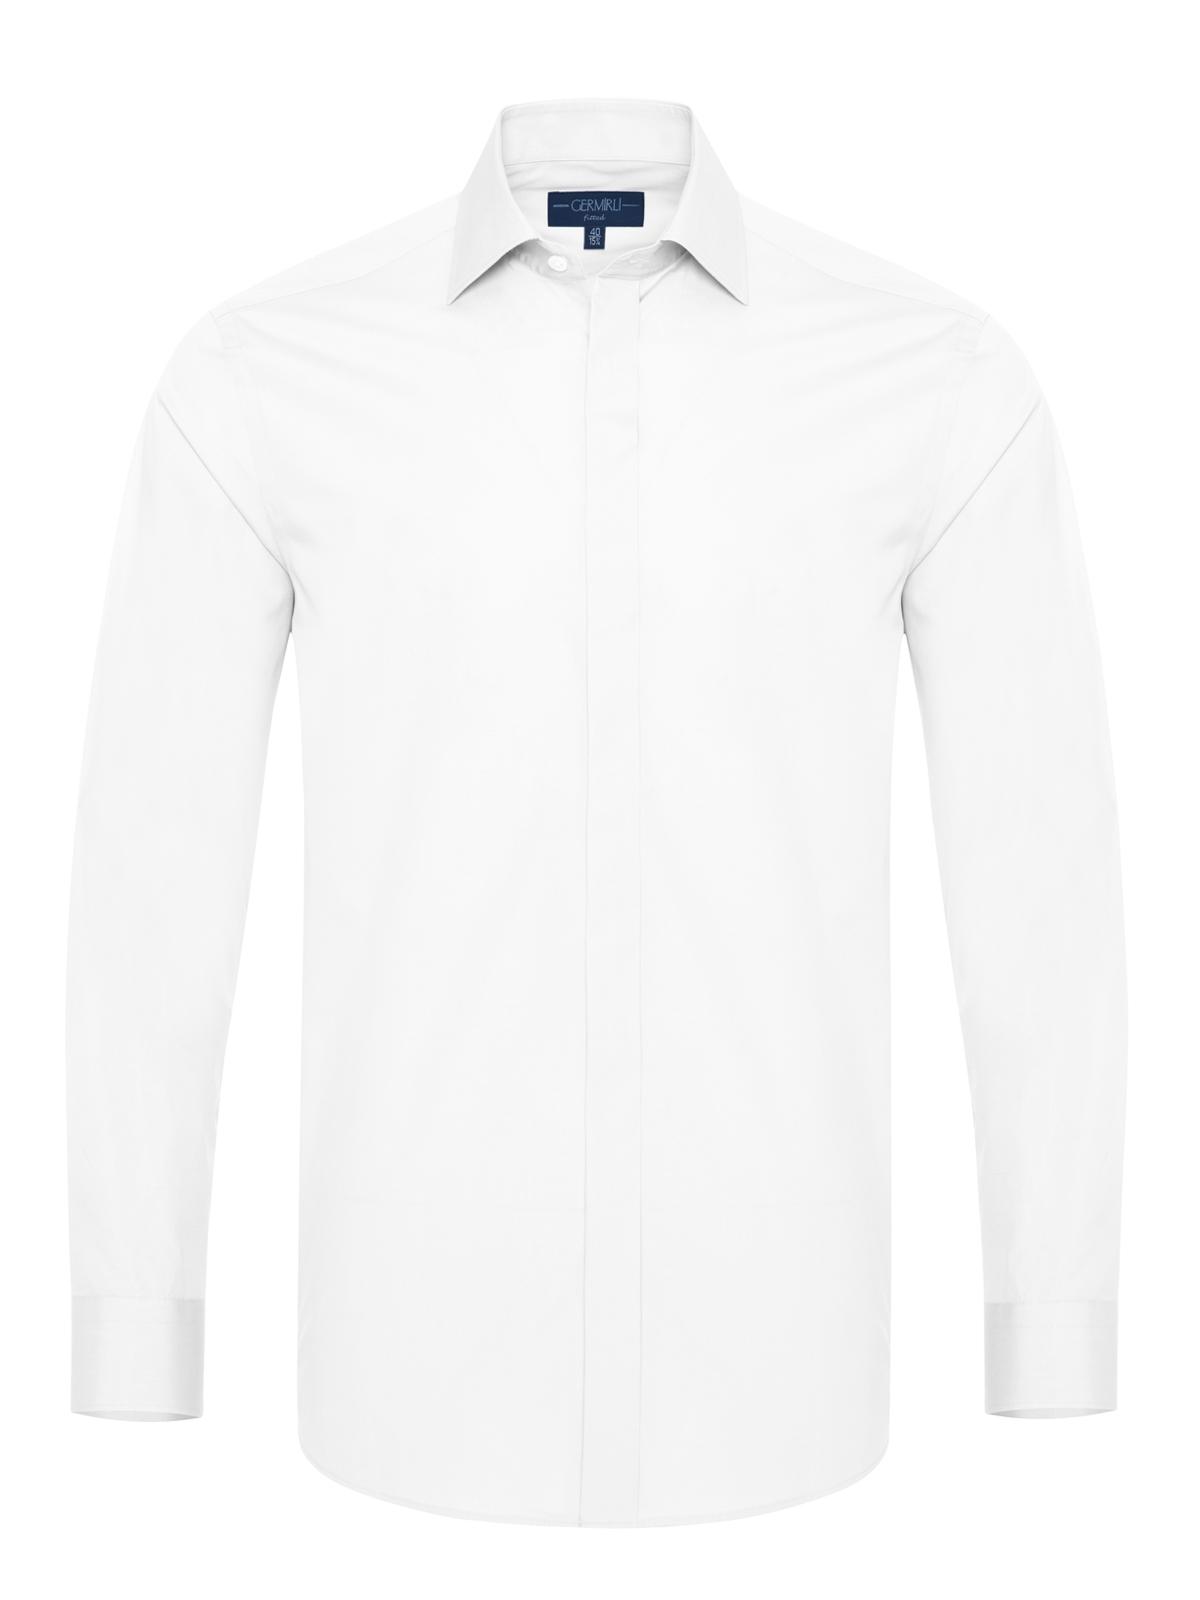 Germirli Beyaz Balıksırtı Gizli Pat Klasik Yaka Tailor Fit Gömlek